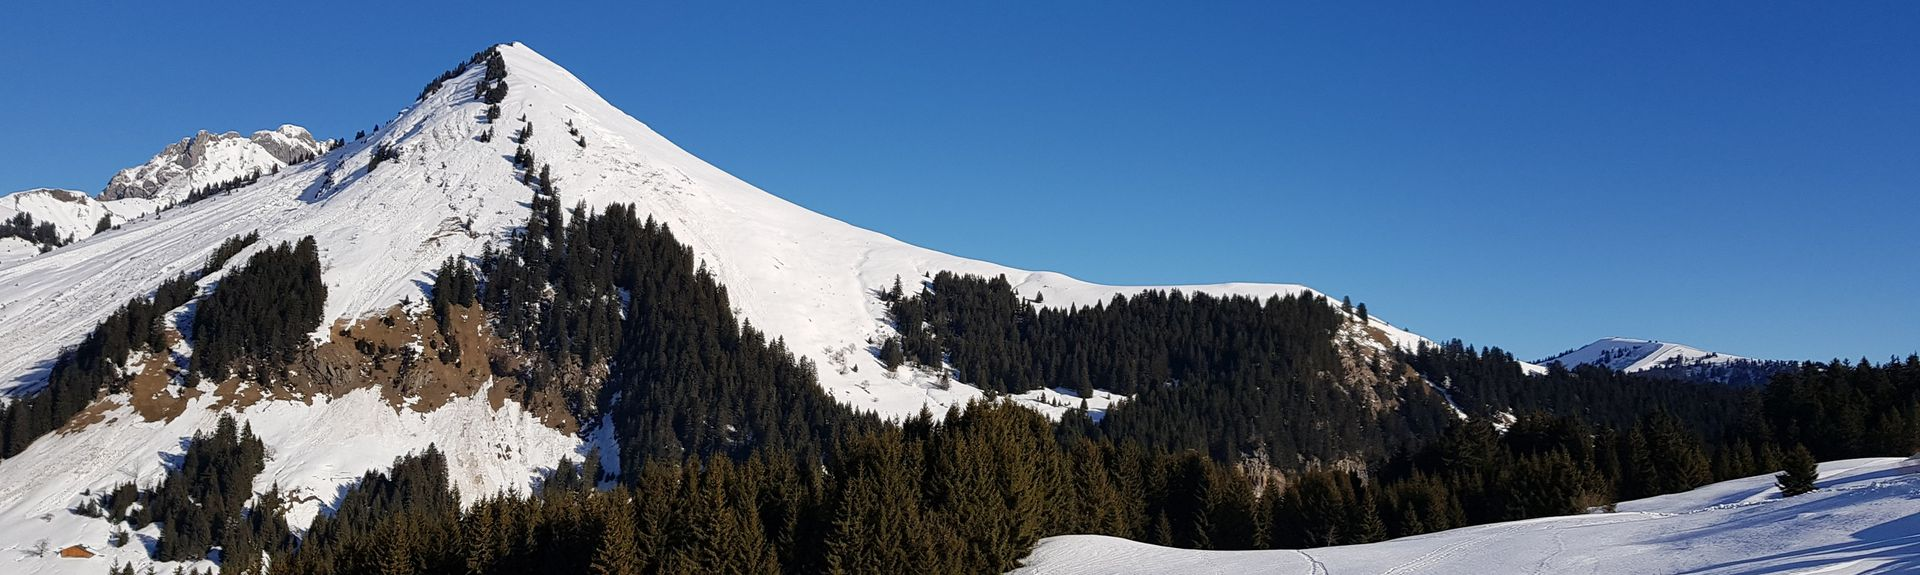 St Gervais Ski Lift, Saint-Gervais-les-Bains, France